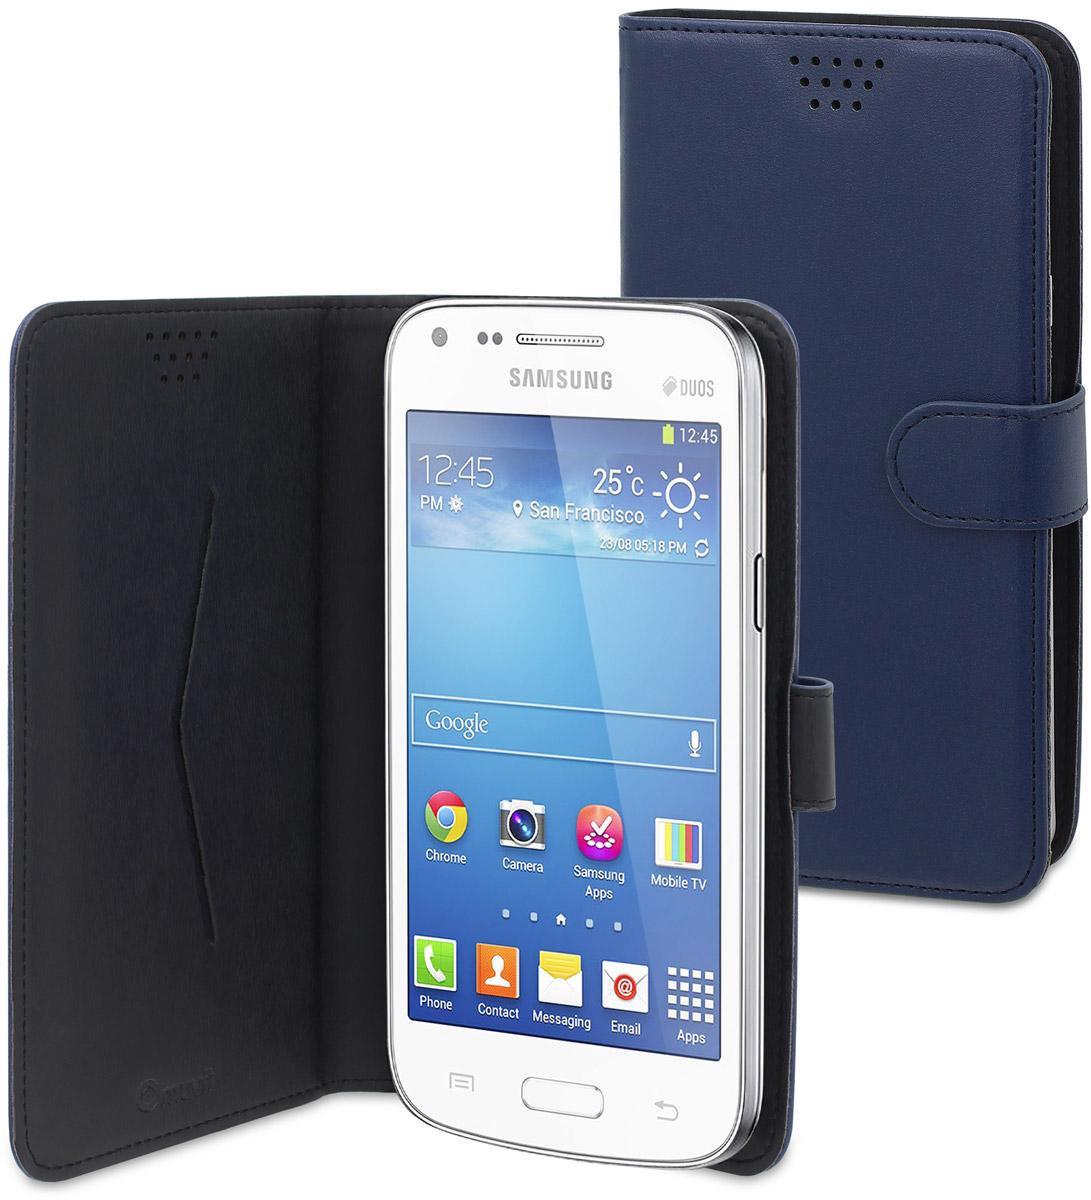 Muvit универсальный чехол для смартфонов 4, BlueMUCUN0277Универсальный чехол-книжка Muvit предназначен для защиты корпуса и экрана смартфона диагональю 4 от механических повреждений и царапин в процессе эксплуатации. Имеется свободный доступ ко всем разъемам и кнопкам устройства. Надежная фиксирующая смартфон внутренняя поверхность. Подходит для смартфонов с любым расположением камеры. Имеет специальный карман для пластиковых карт. На внутренней стороне чехла есть специальная площадка, которая позволяет вращать ваш телефон на 360°.